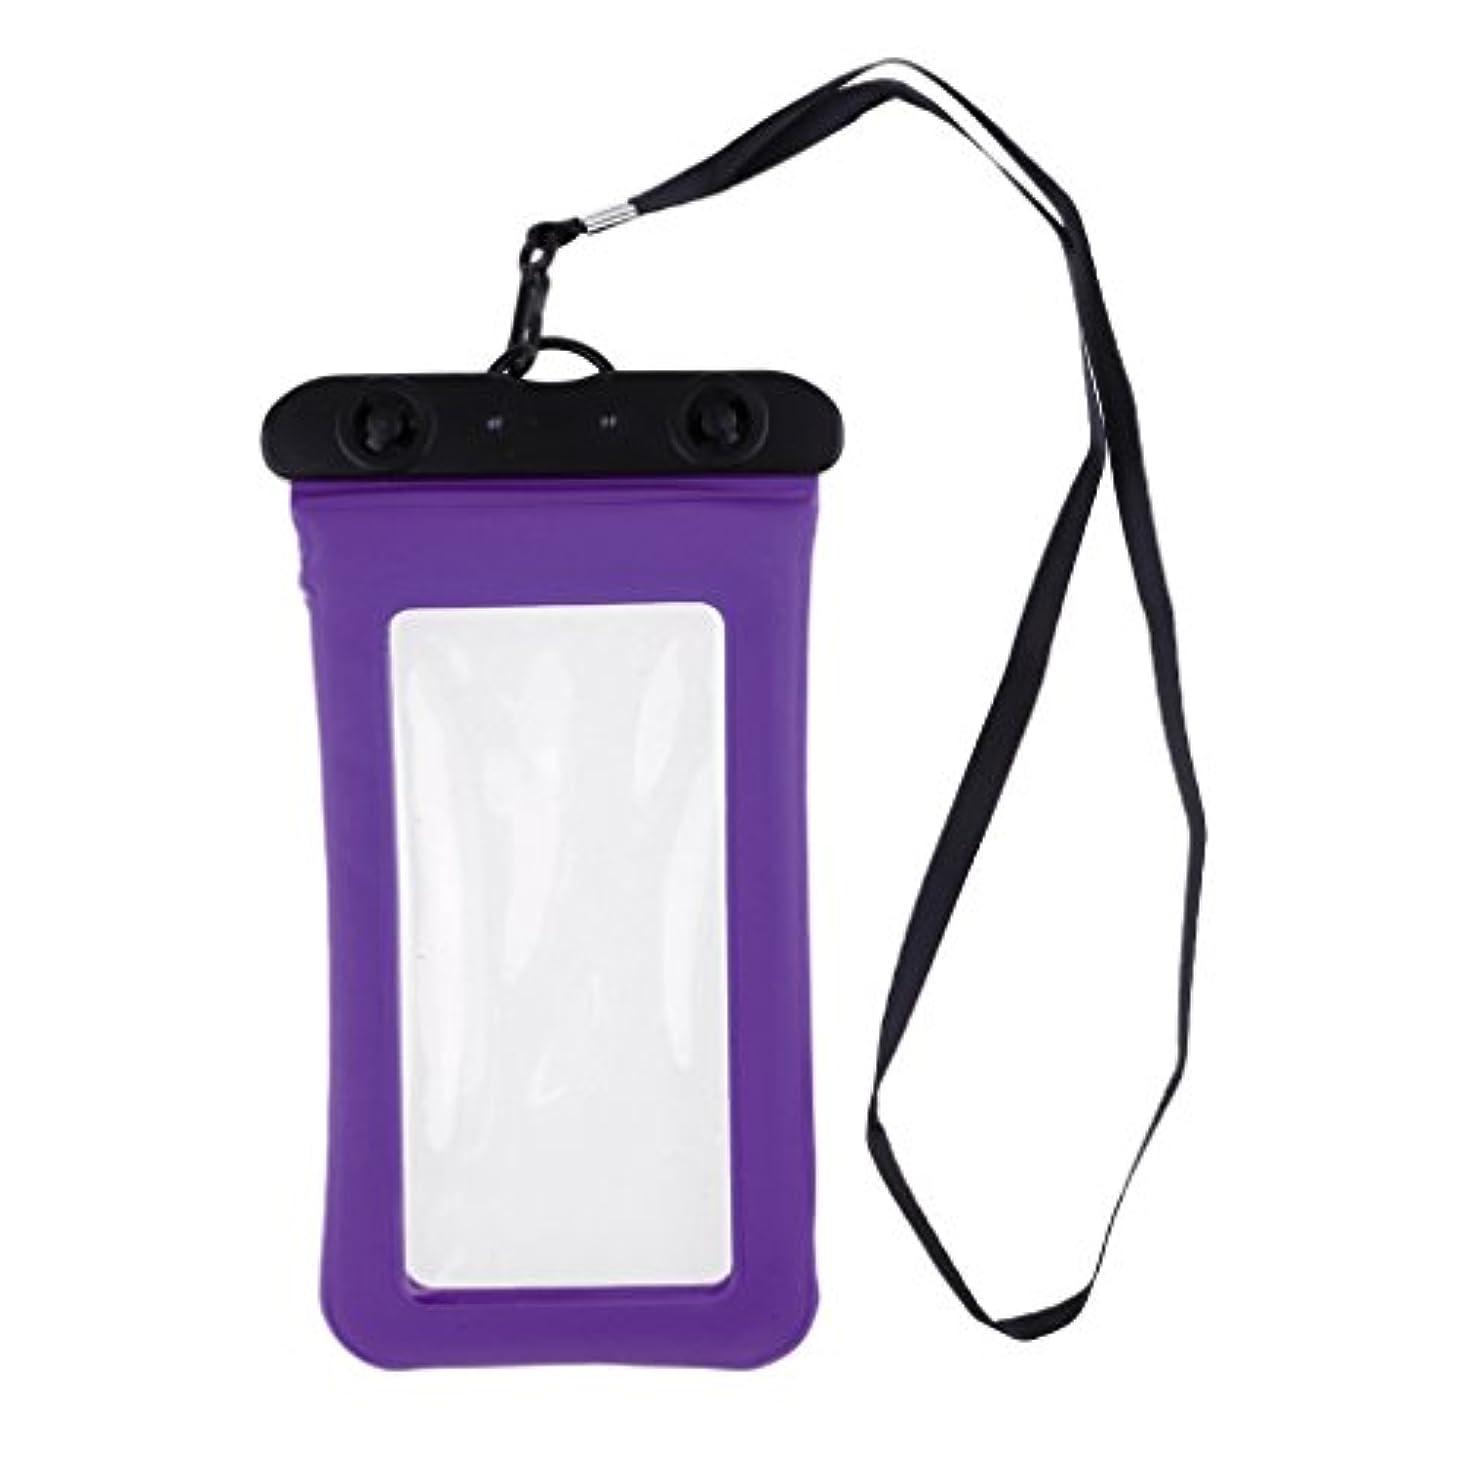 逆粘り強い美しいT TOOYFUL 防水電話ケース スマートフォン防水バッグ 防水携帯電話ケース 透明 水中撮影 フローティング全9色